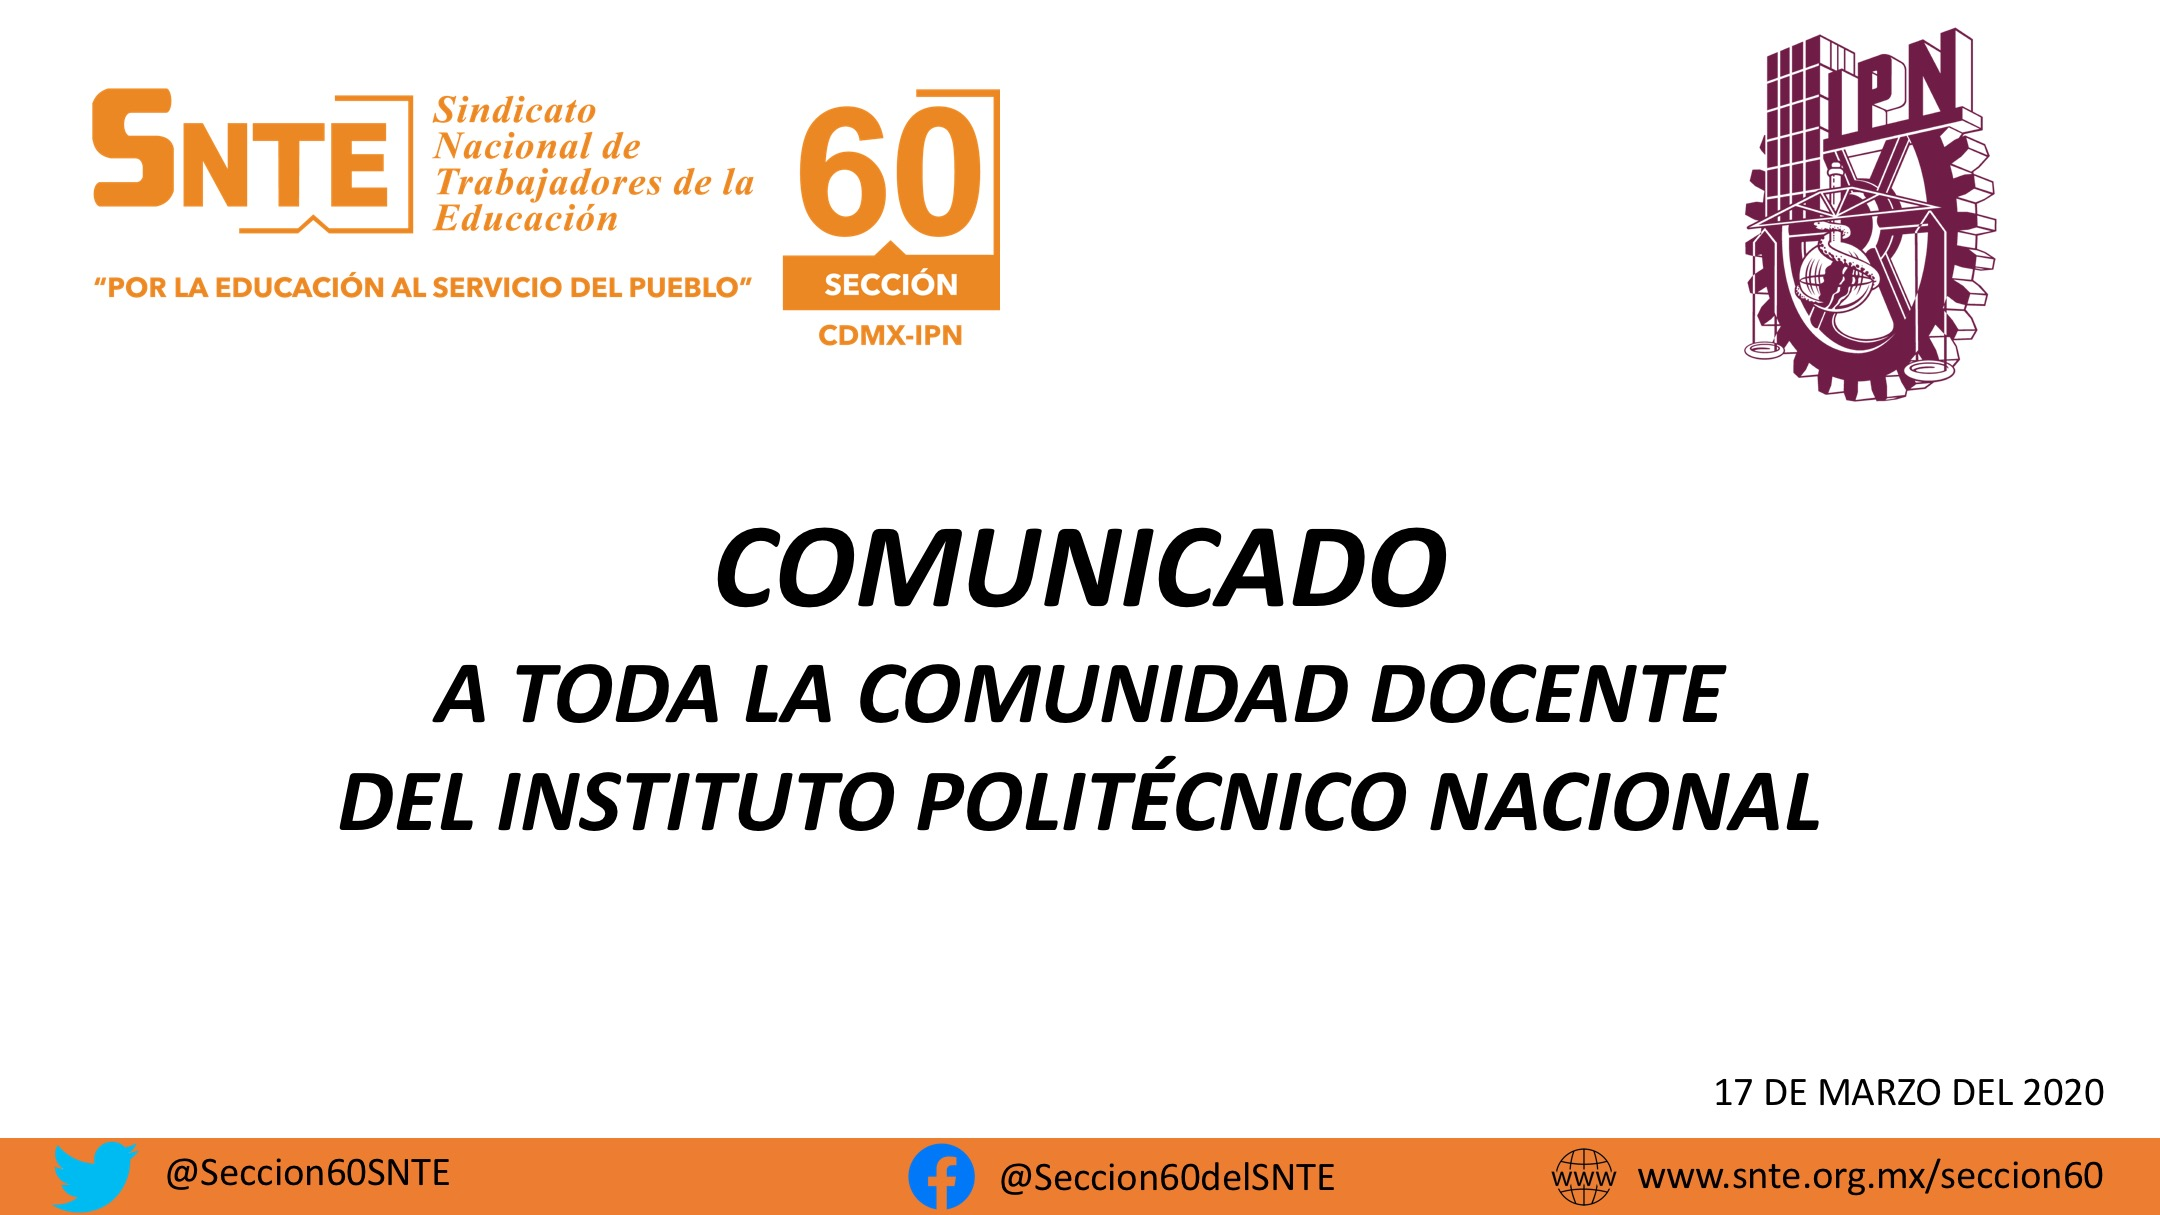 COMUNICADO A TODOS LOS DOCENTES DEL IPN.